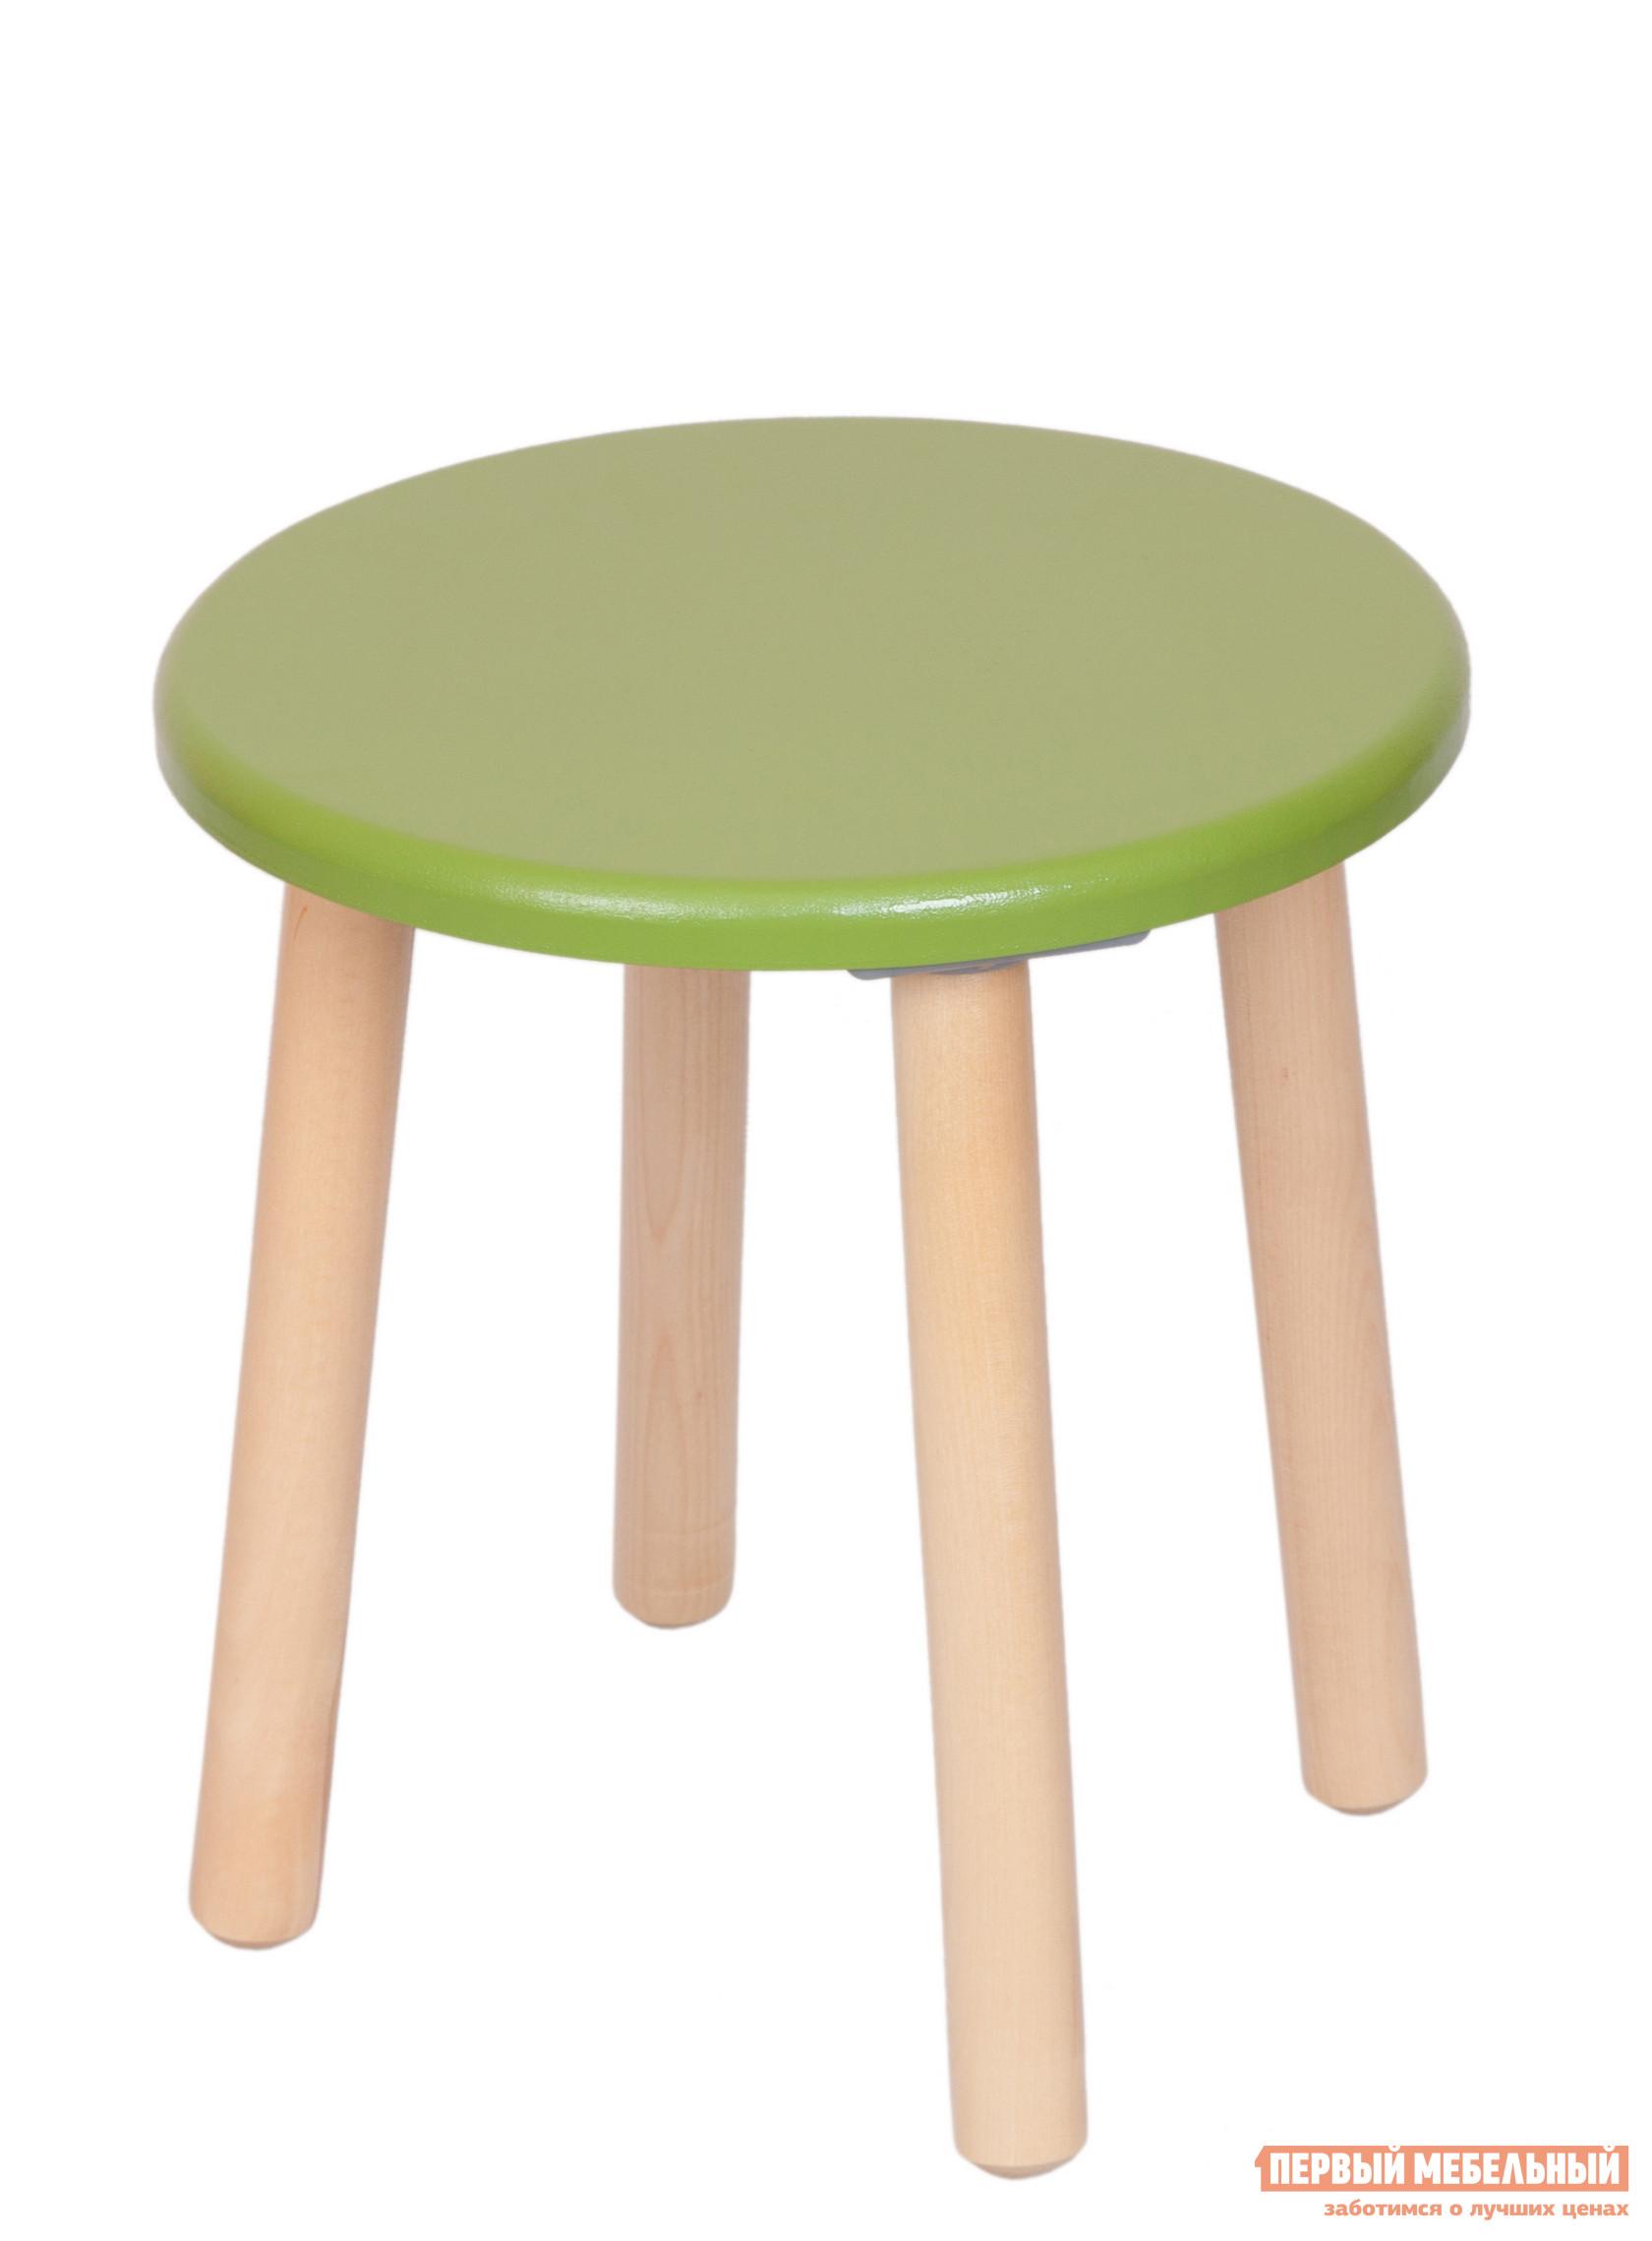 Столик и стульчик РусЭкоМебель Табурет ЭКО Эко зеленый